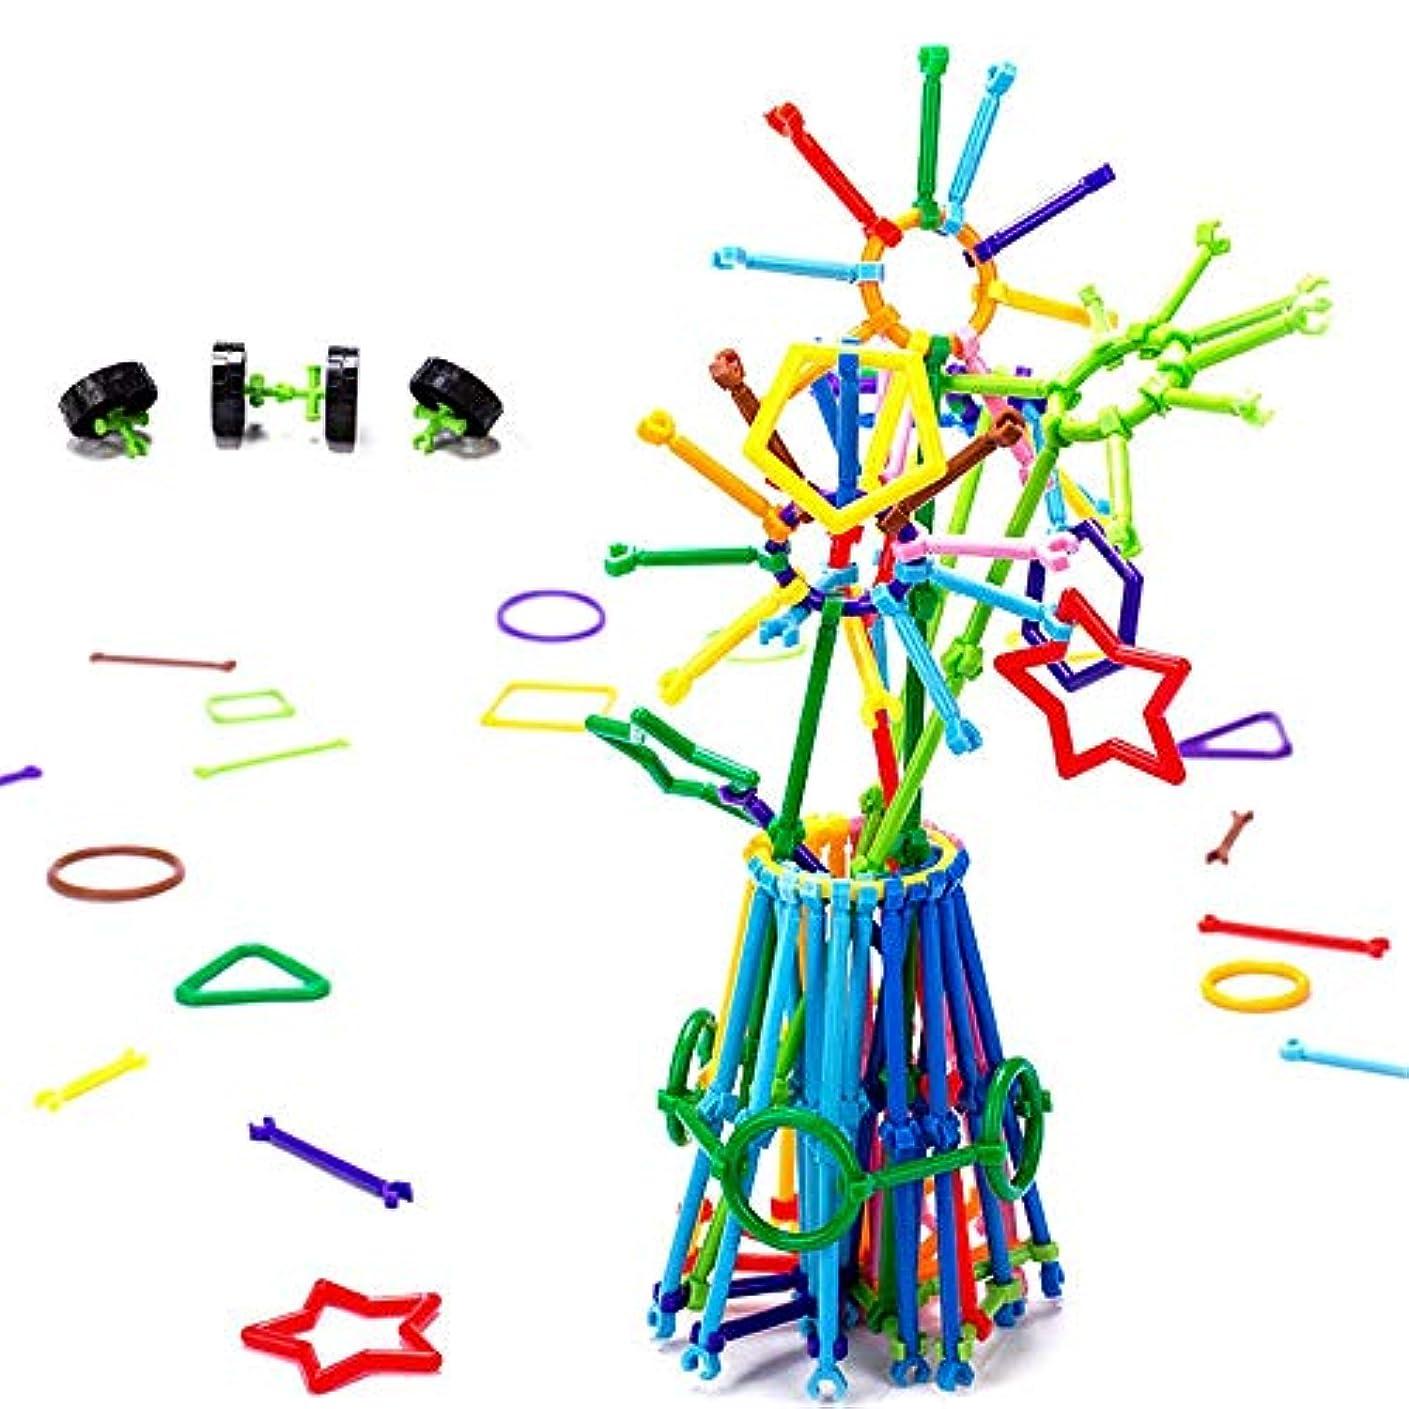 うがい基本的な申請中積み木玩具 キッズ3-12歳600マジックワンドブロック組み立てプラスチックスペルインサートブロック子供用おもちゃ 知育玩具 贈り物 誕生日お祝い クリスマスプレゼント (Color : Multi-colored, Size : One size)